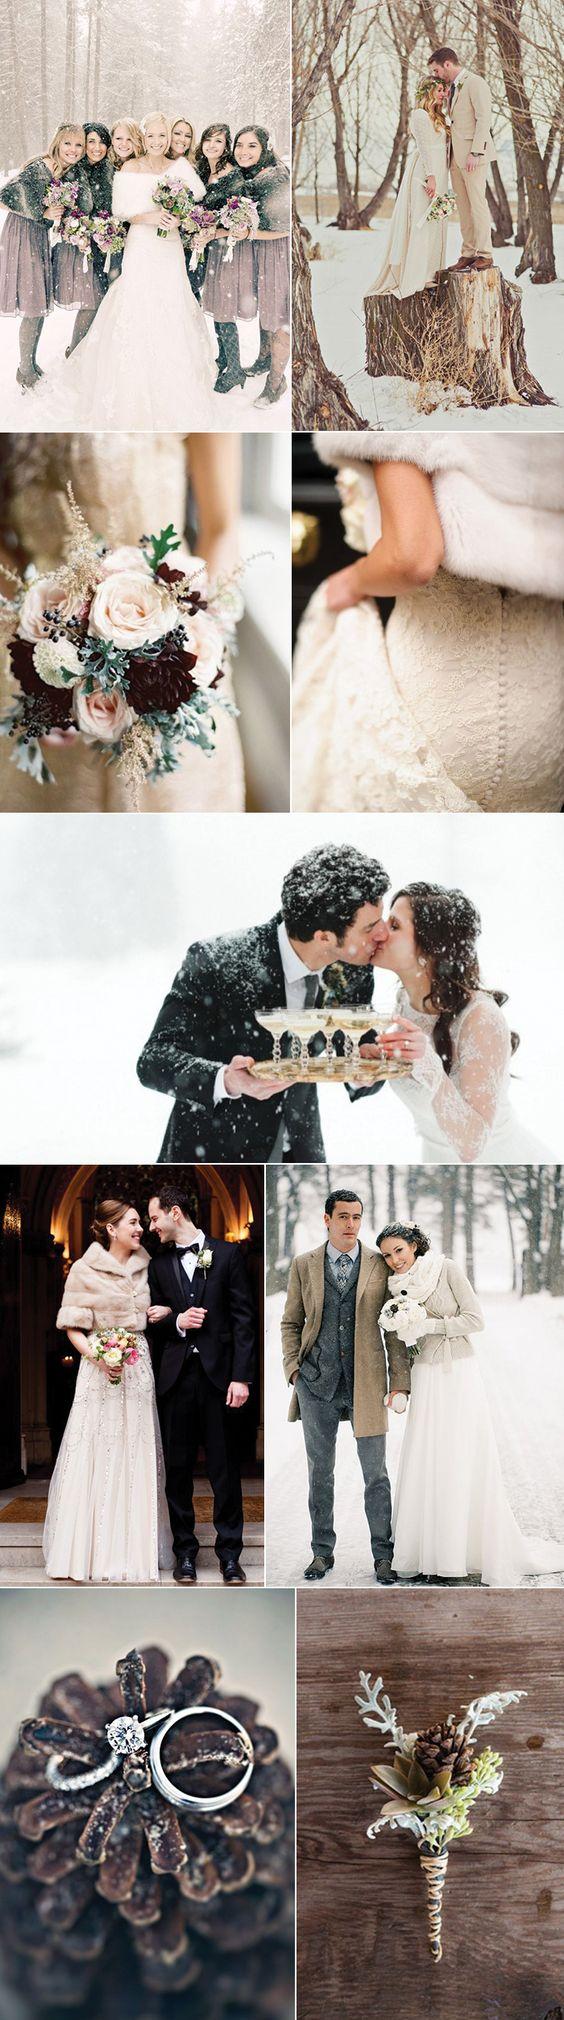 se marier l'hiver Basse saison- wedding planner et décoratrice 77